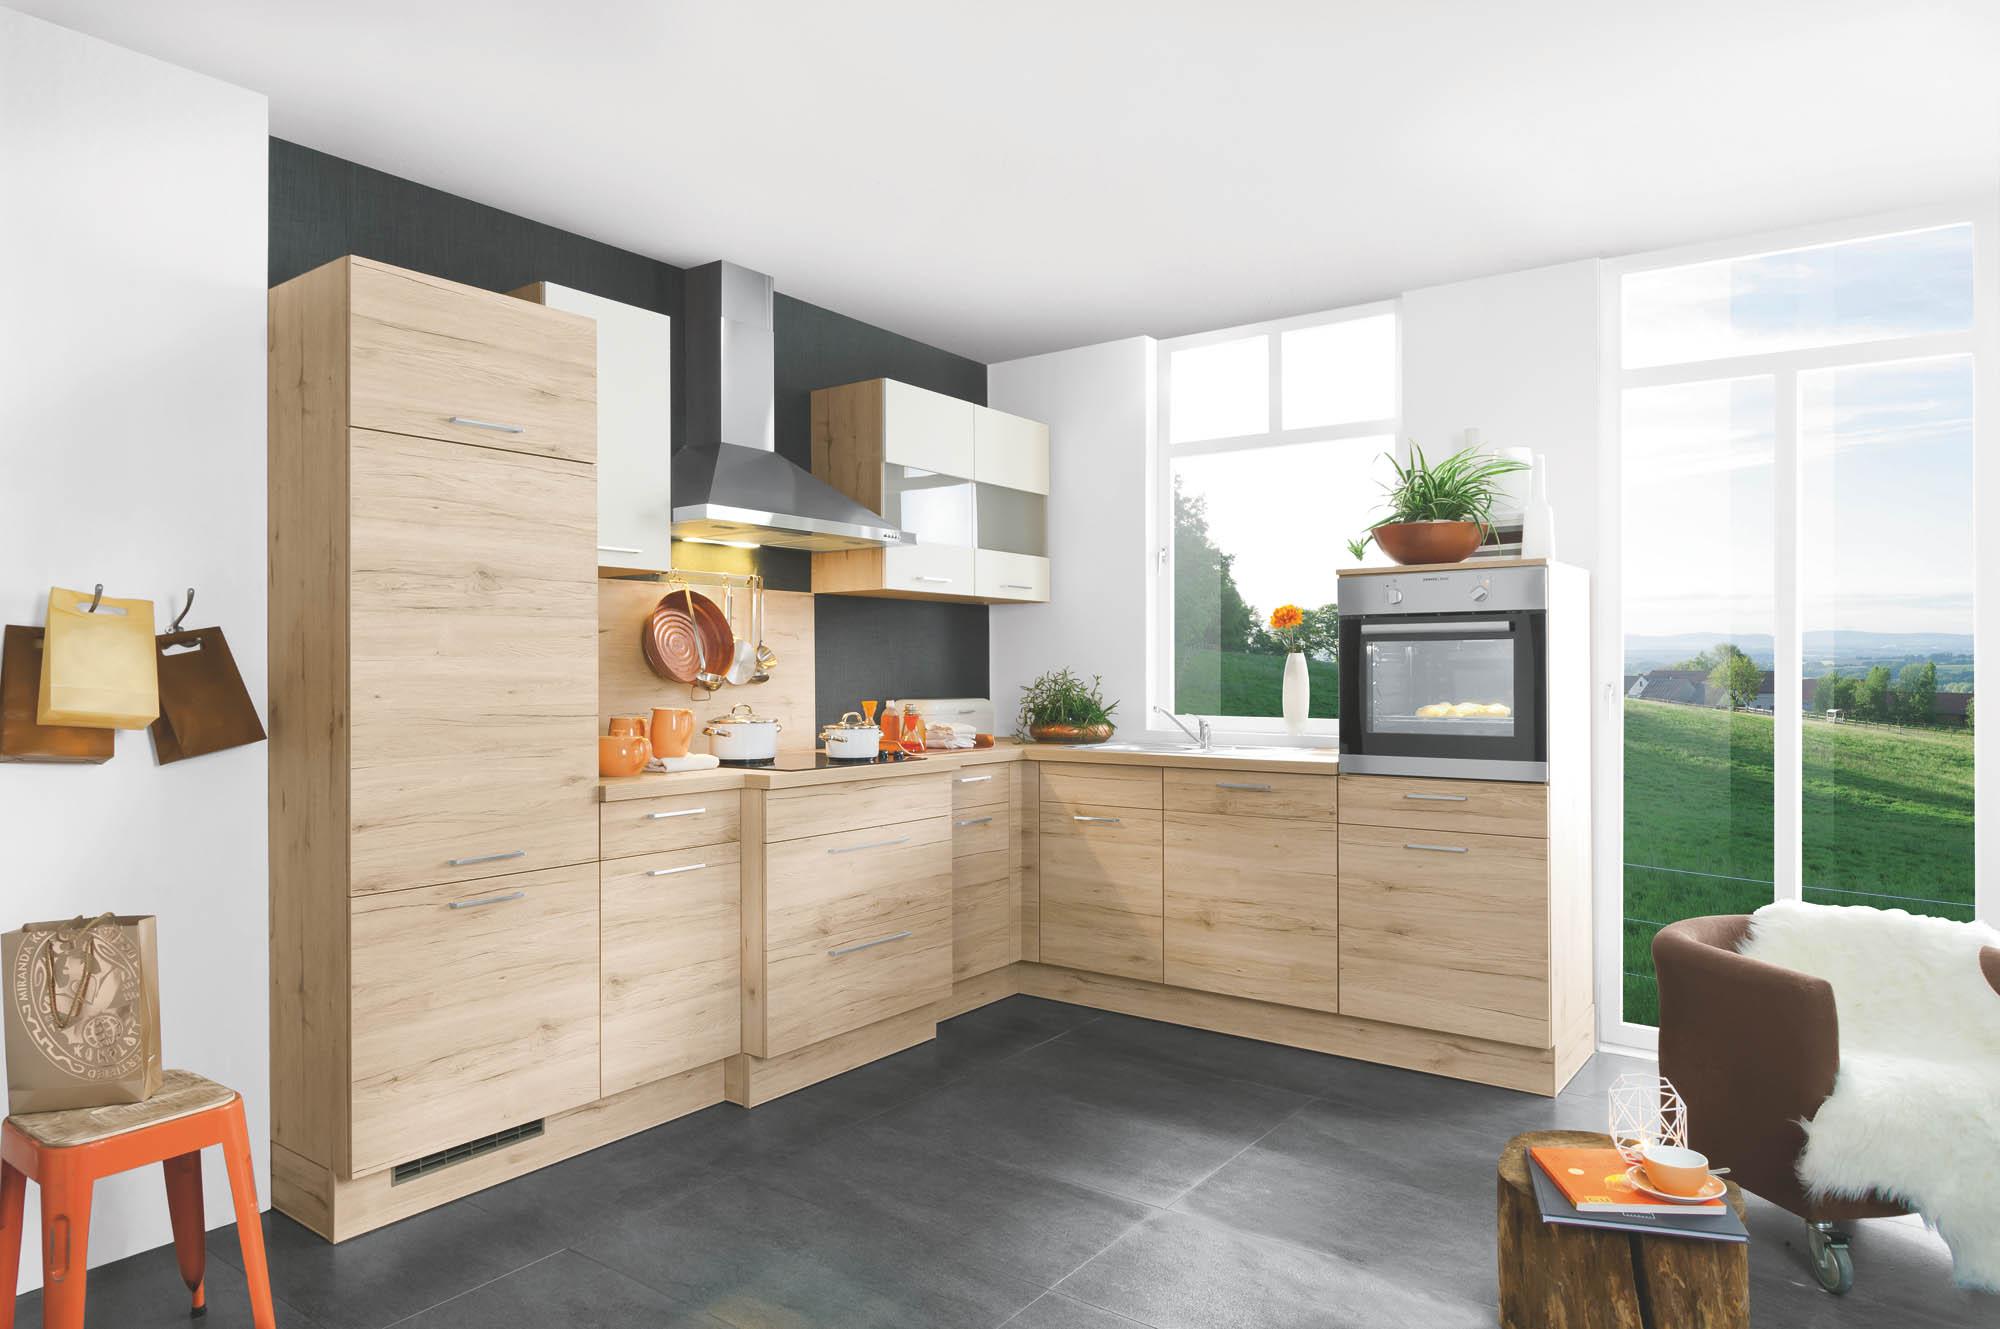 Full Size of Einbauküche L Form Gebraucht Einbauküche L Form Kaufen Einbauküche L Form Günstig Einbauküche L Form Mit Geräten Küche Einbauküche L Form